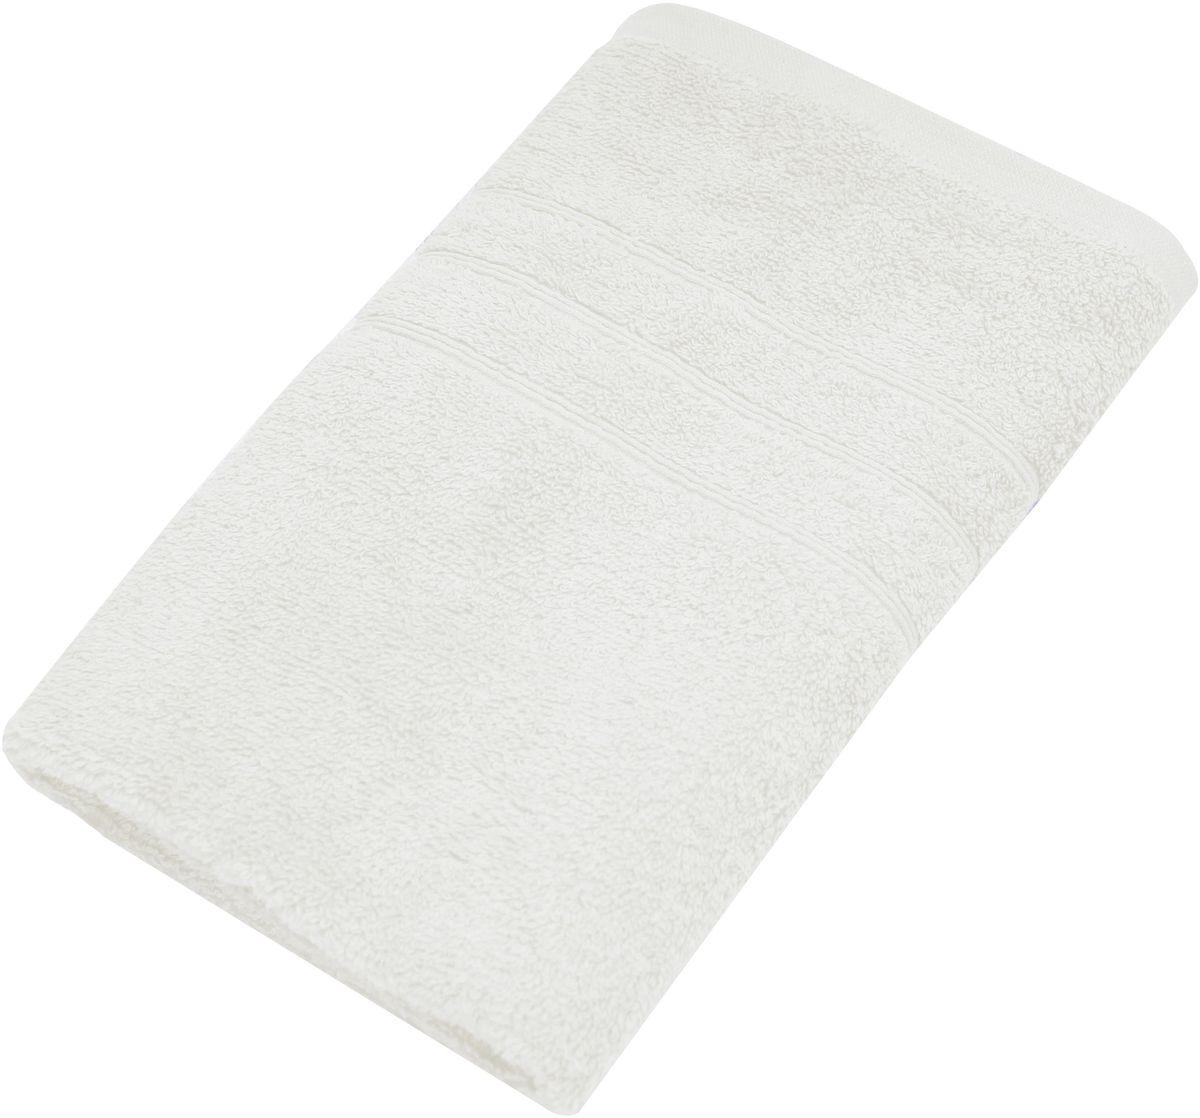 Полотенце Proffi Home Модерн, цвет: белый, 50 x 100 смPH3266Мягкое махровое полотенцеProffi Home Модернотлично впитывает влагу и быстро сохнет, приятно в него завернуться после принятия ванны или посещения сауны. Поэтому данное махровое полотенце можно использовать в качестве душевого, банного или пляжного полотенца. Состав: 100% хлопок.